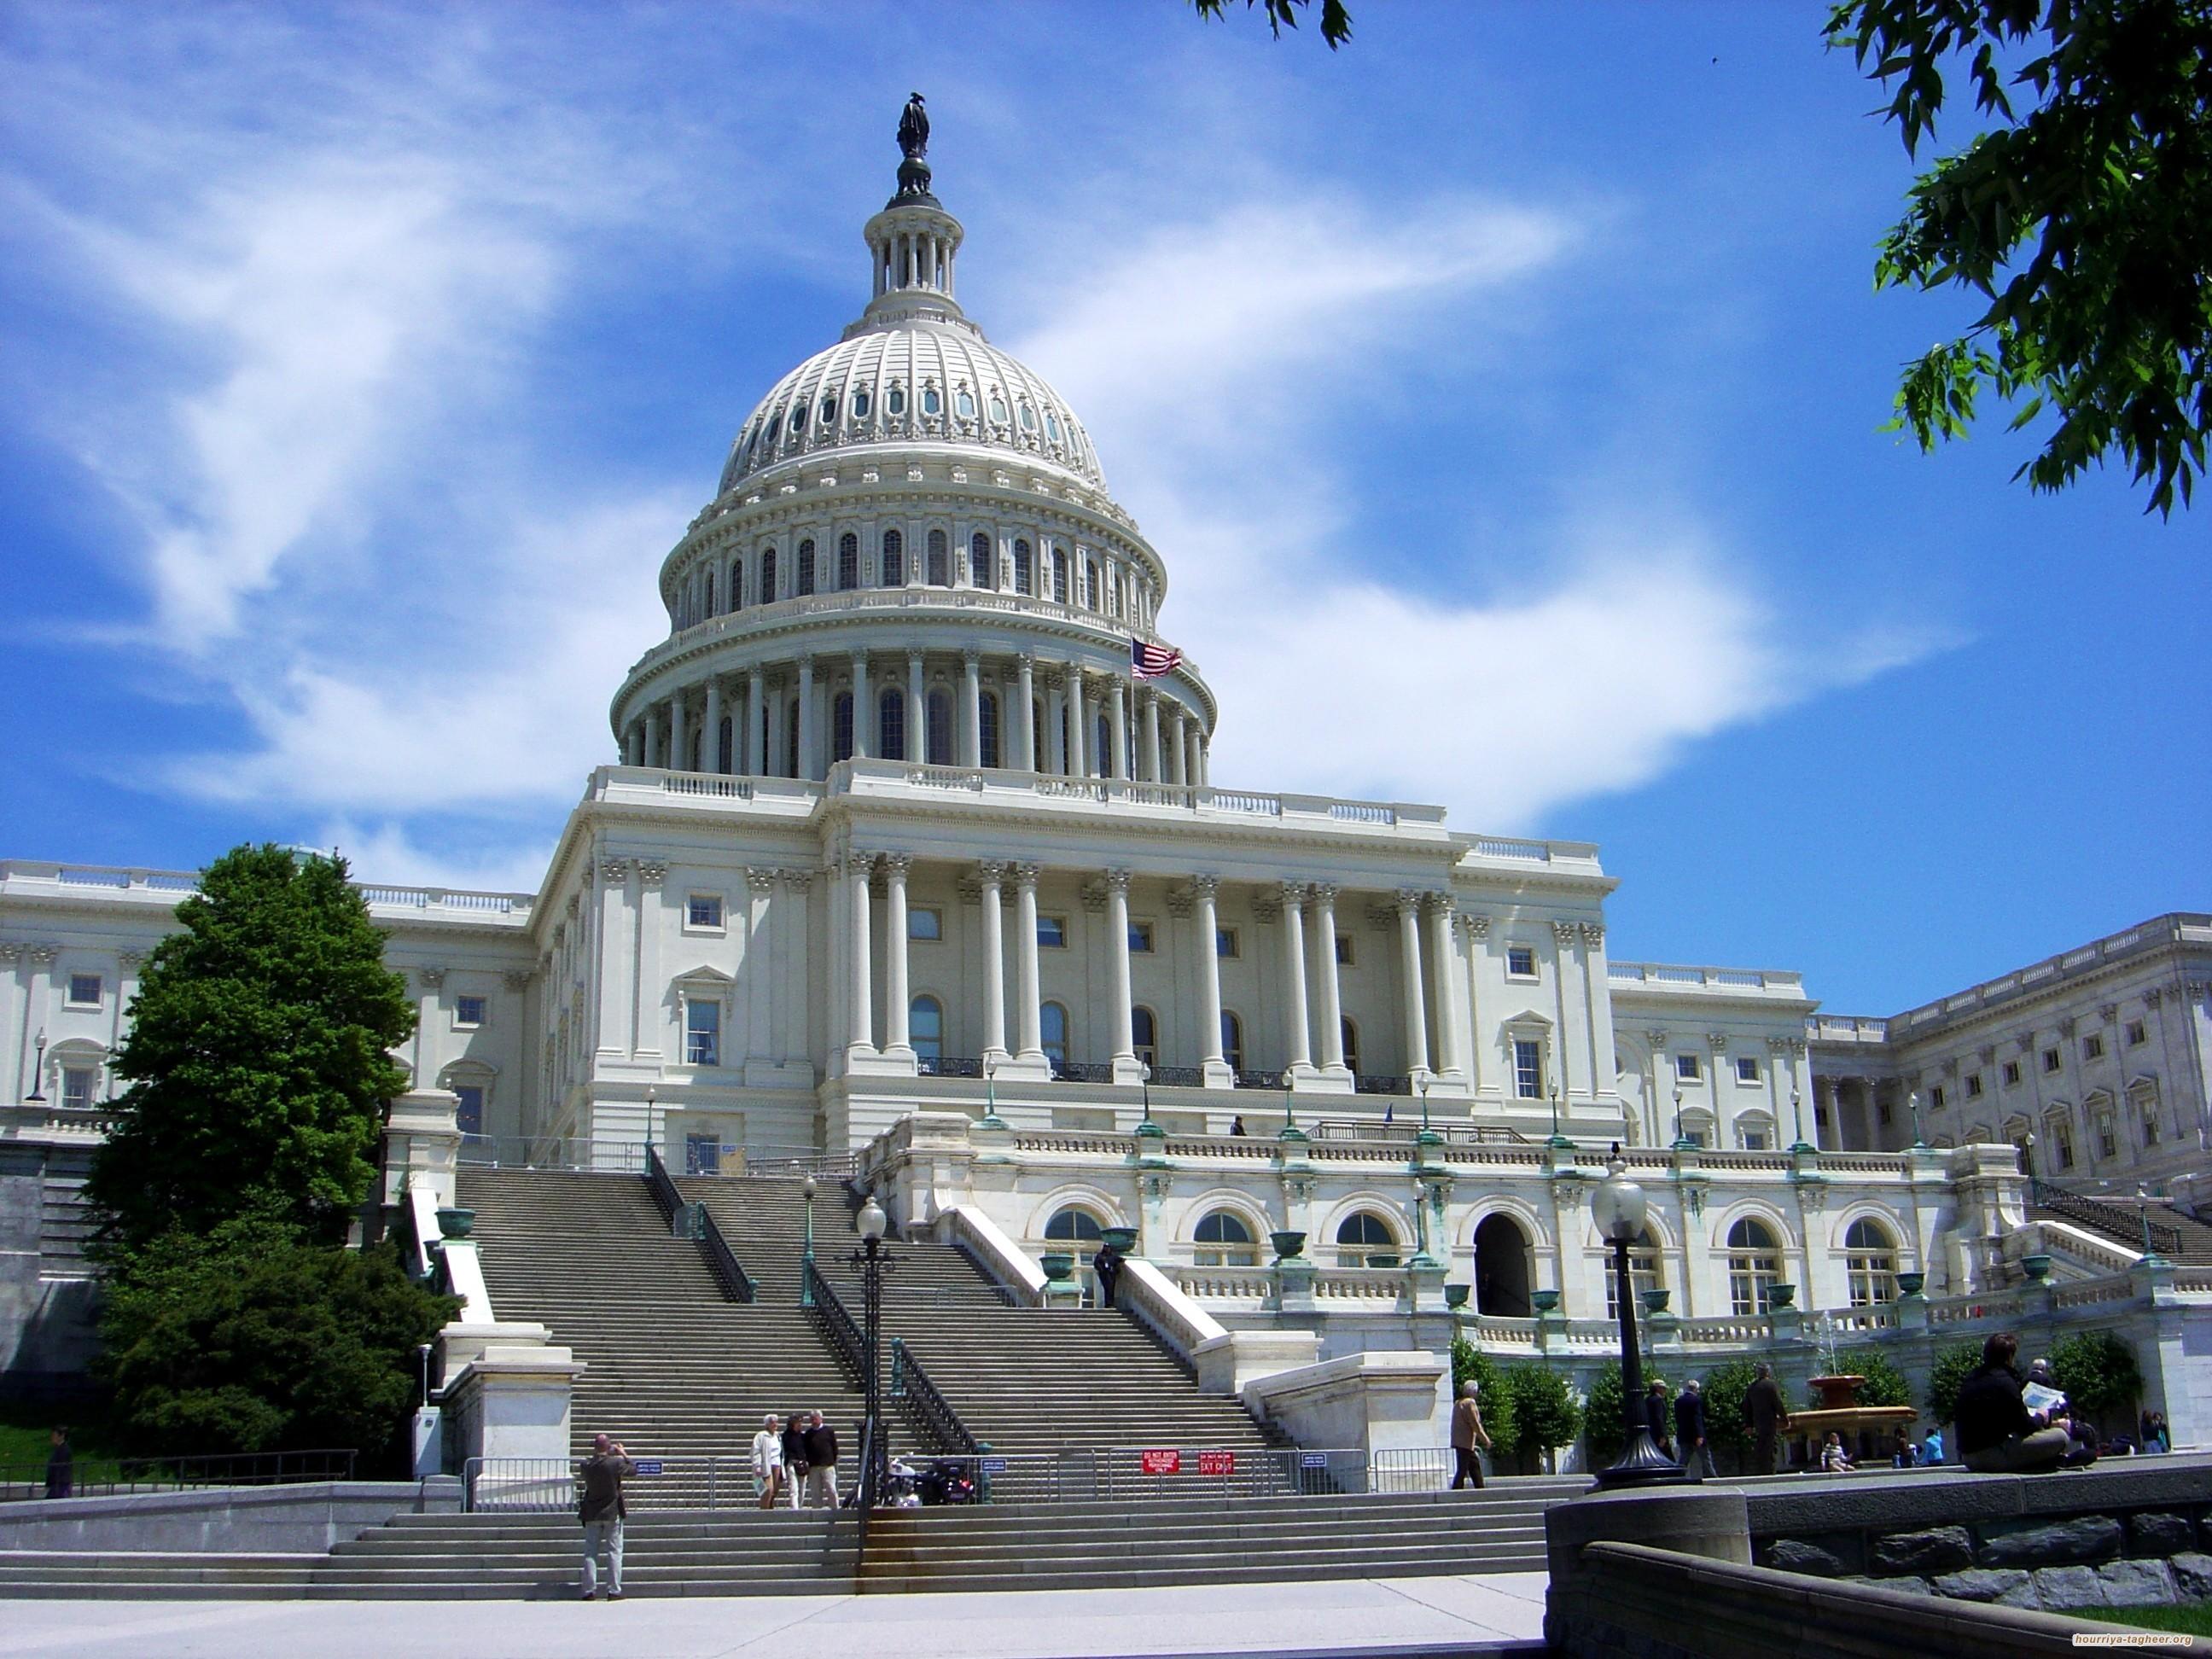 تقرير CIA السري.. لماذا يعيد الكونغرس الزخم لقضية خاشقجي